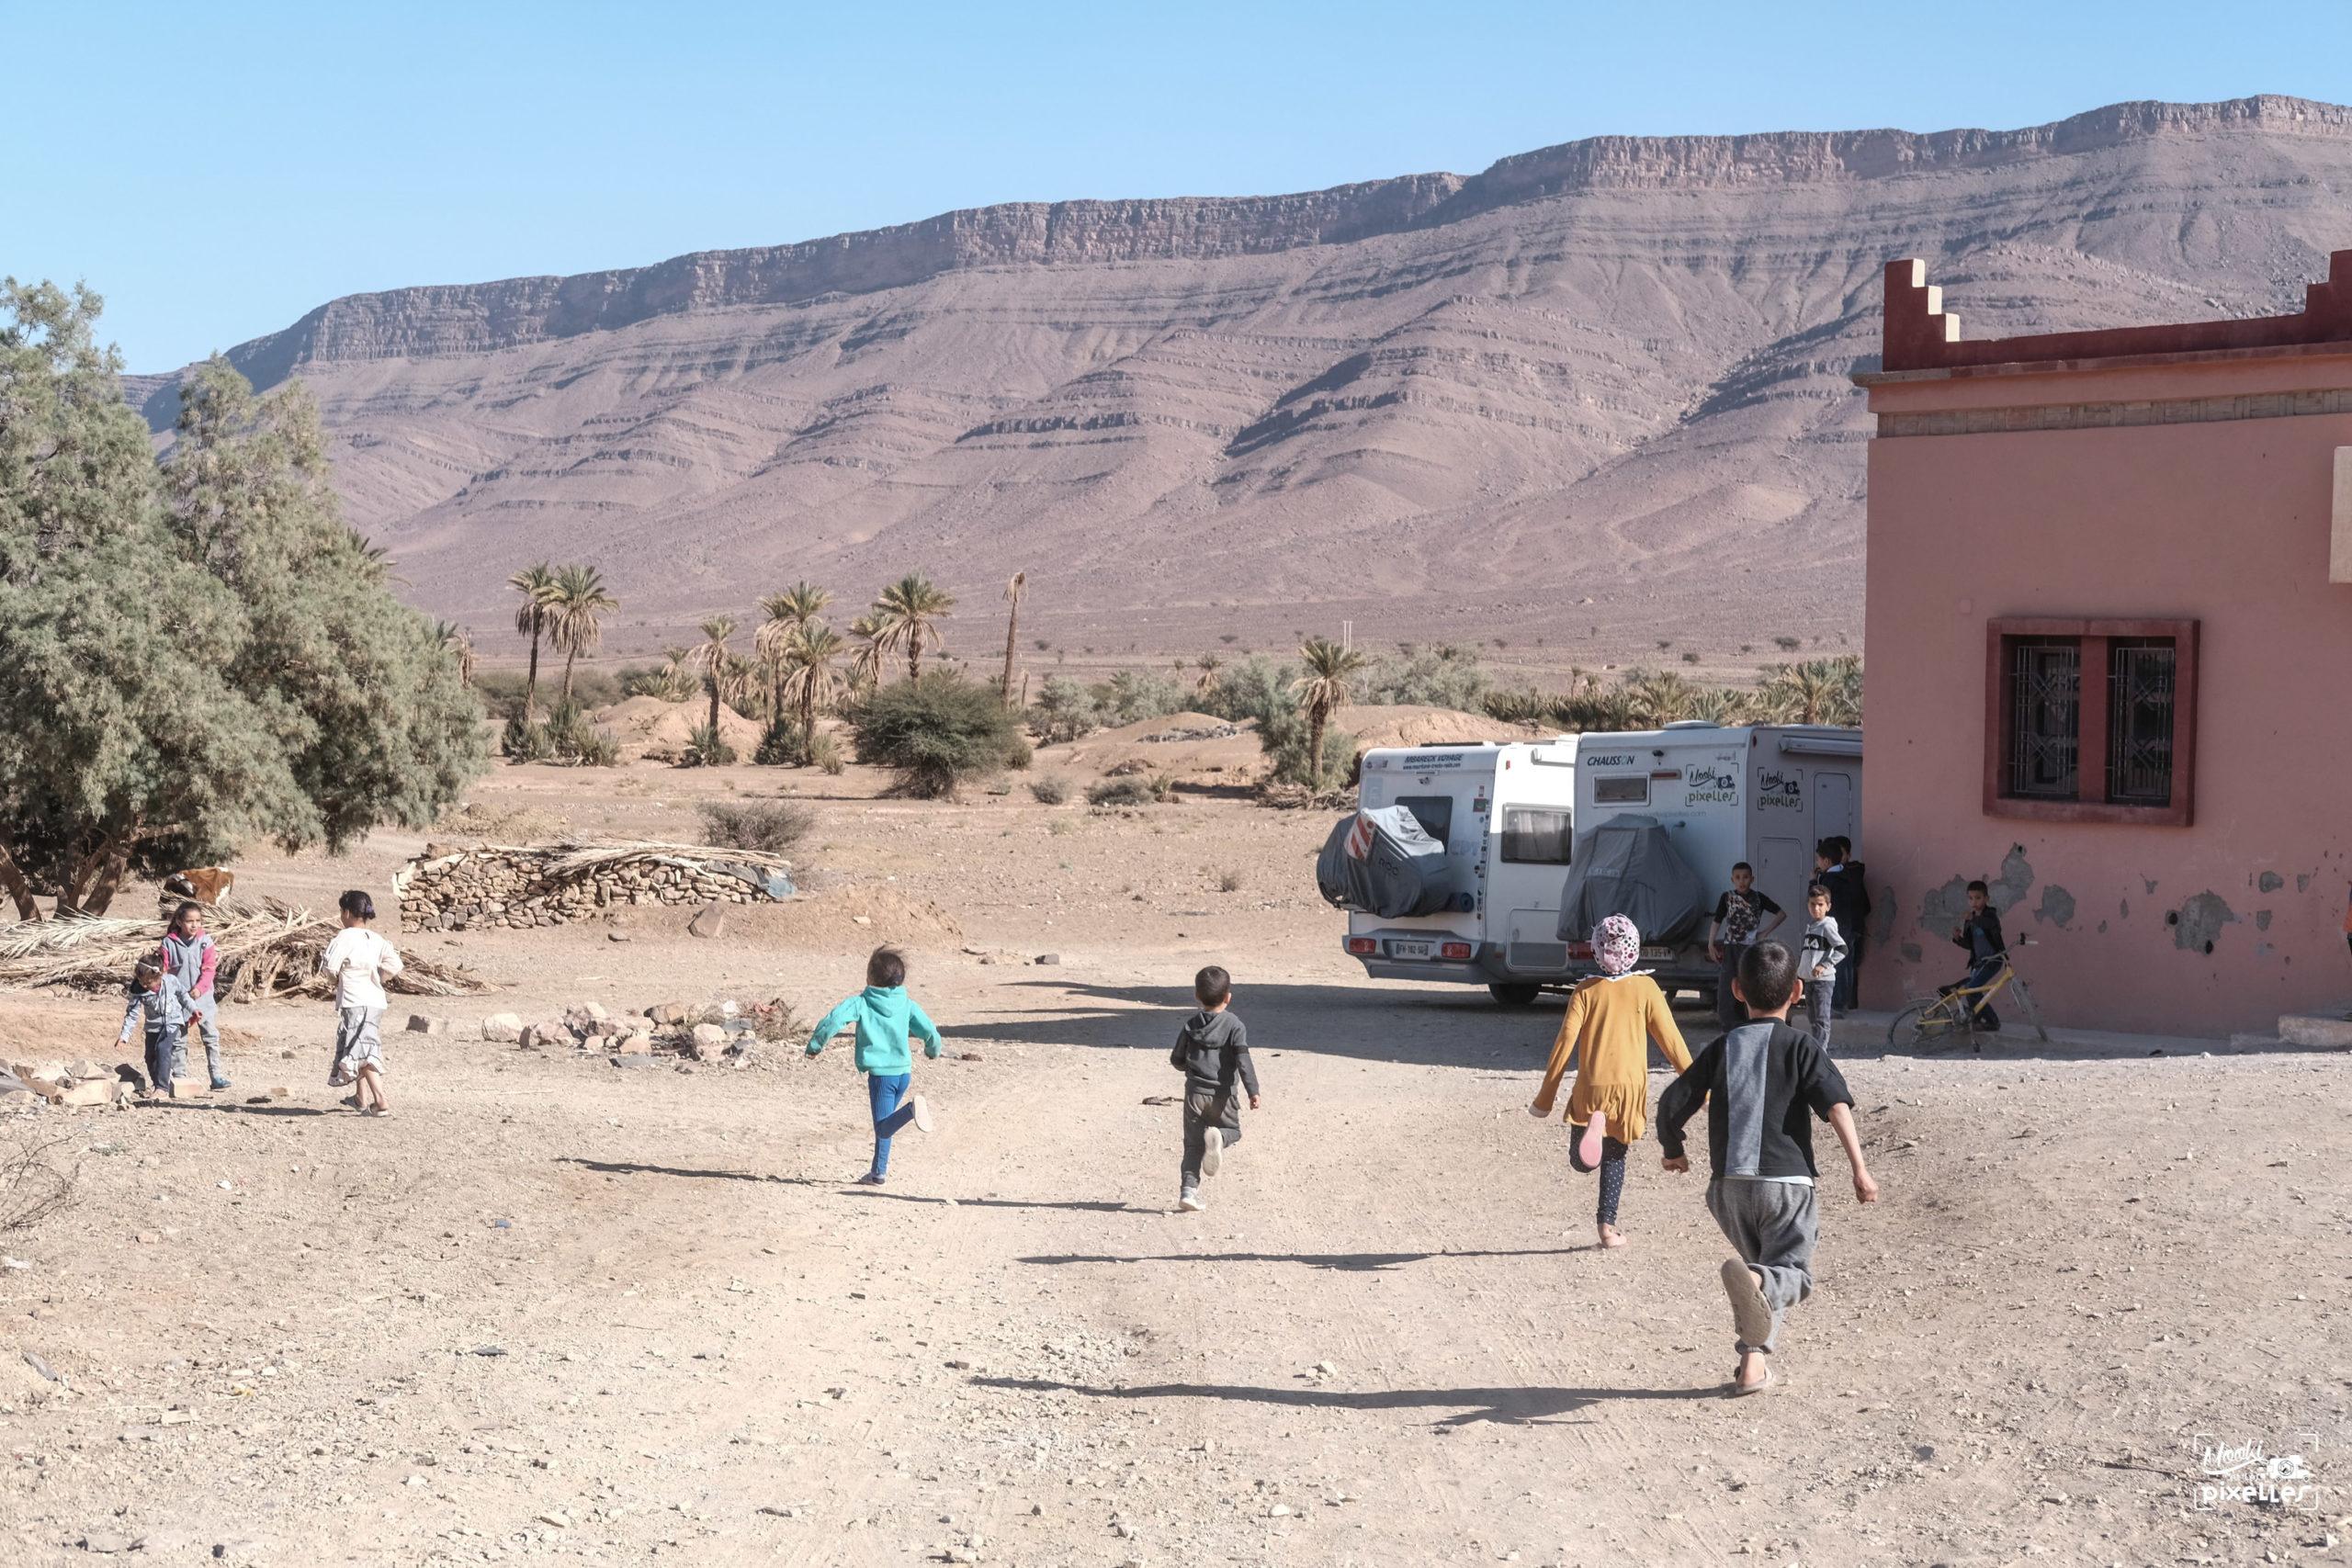 Des enfants courent vers les camping cars